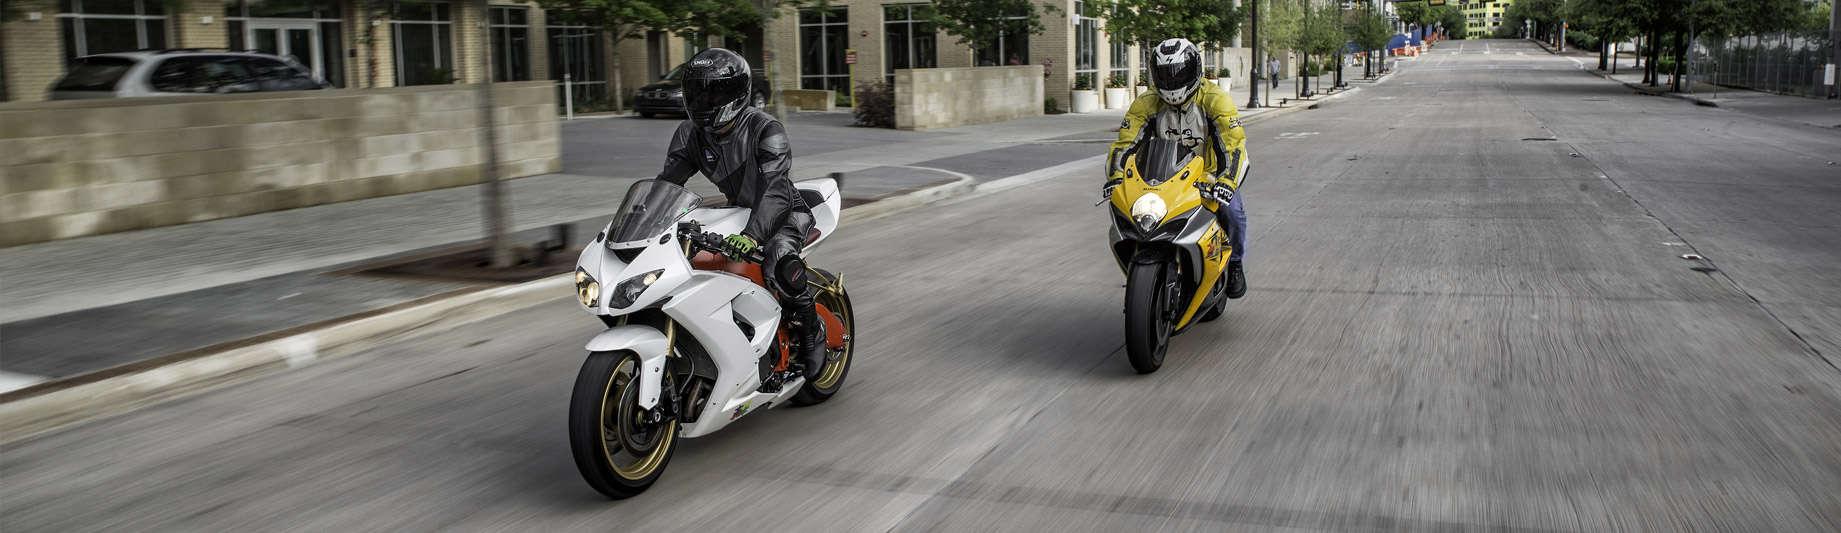 Metric Motorcycle Oil